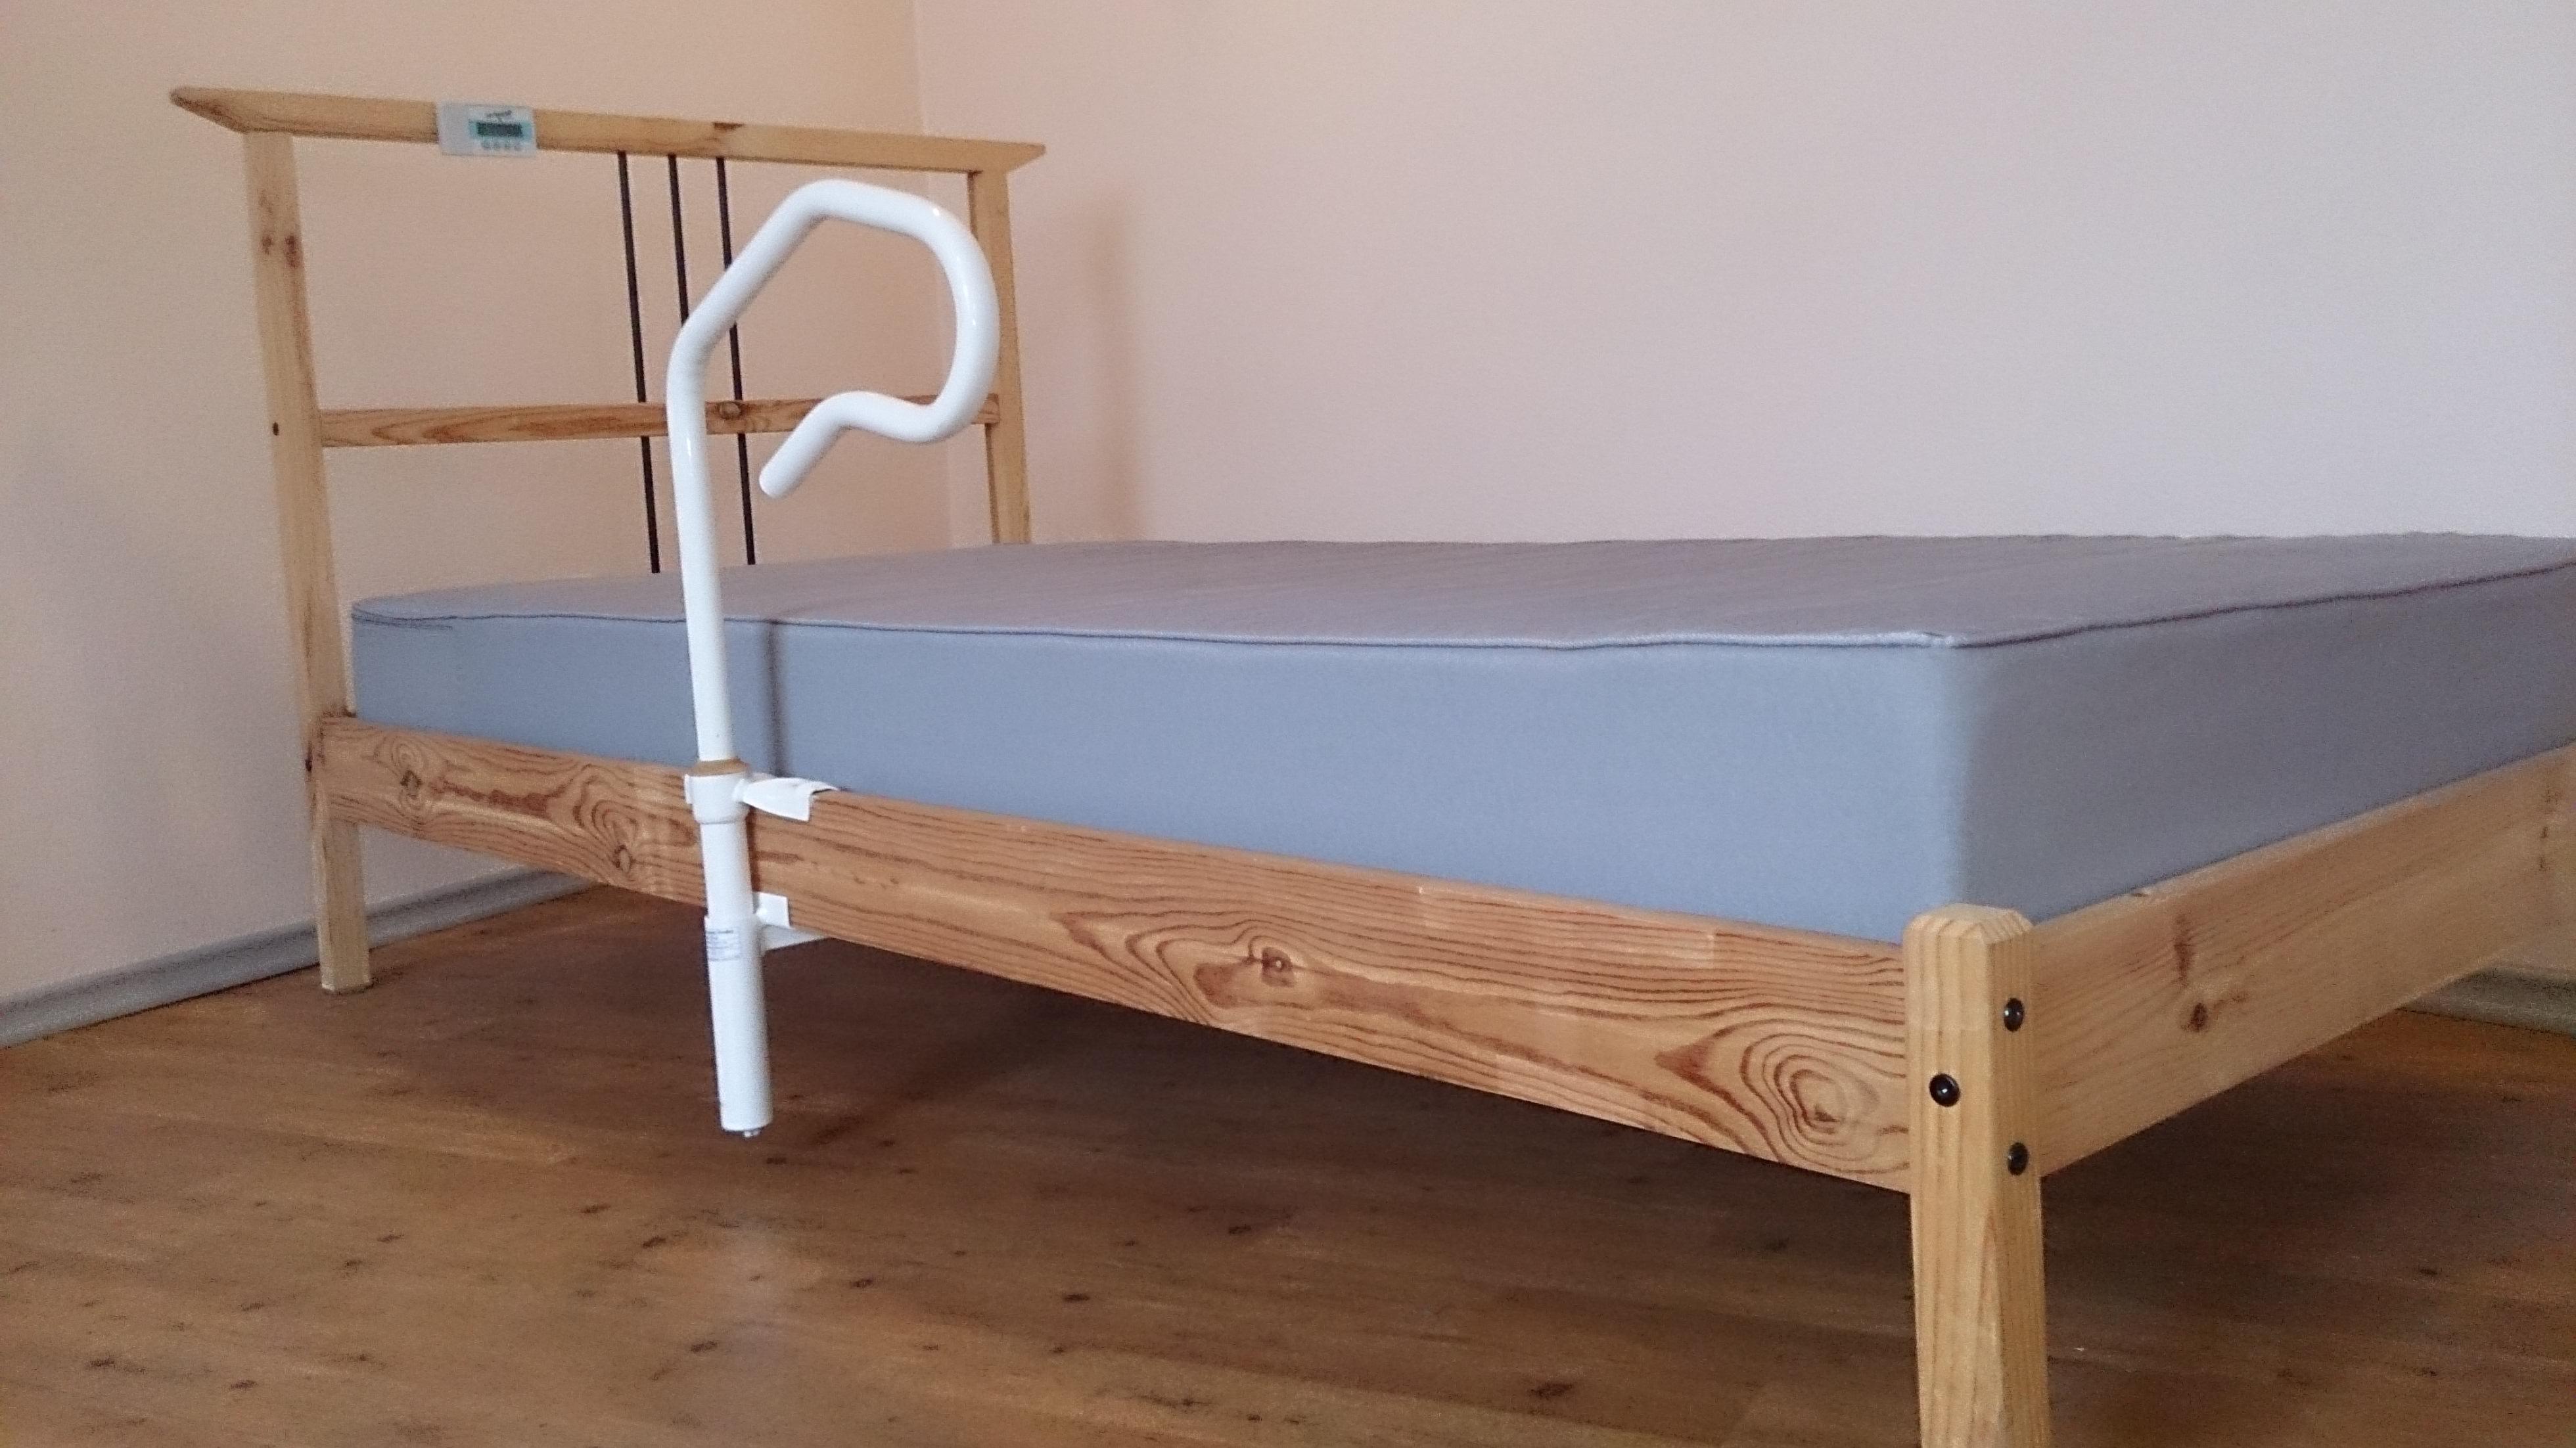 Мебель с опорой для больных